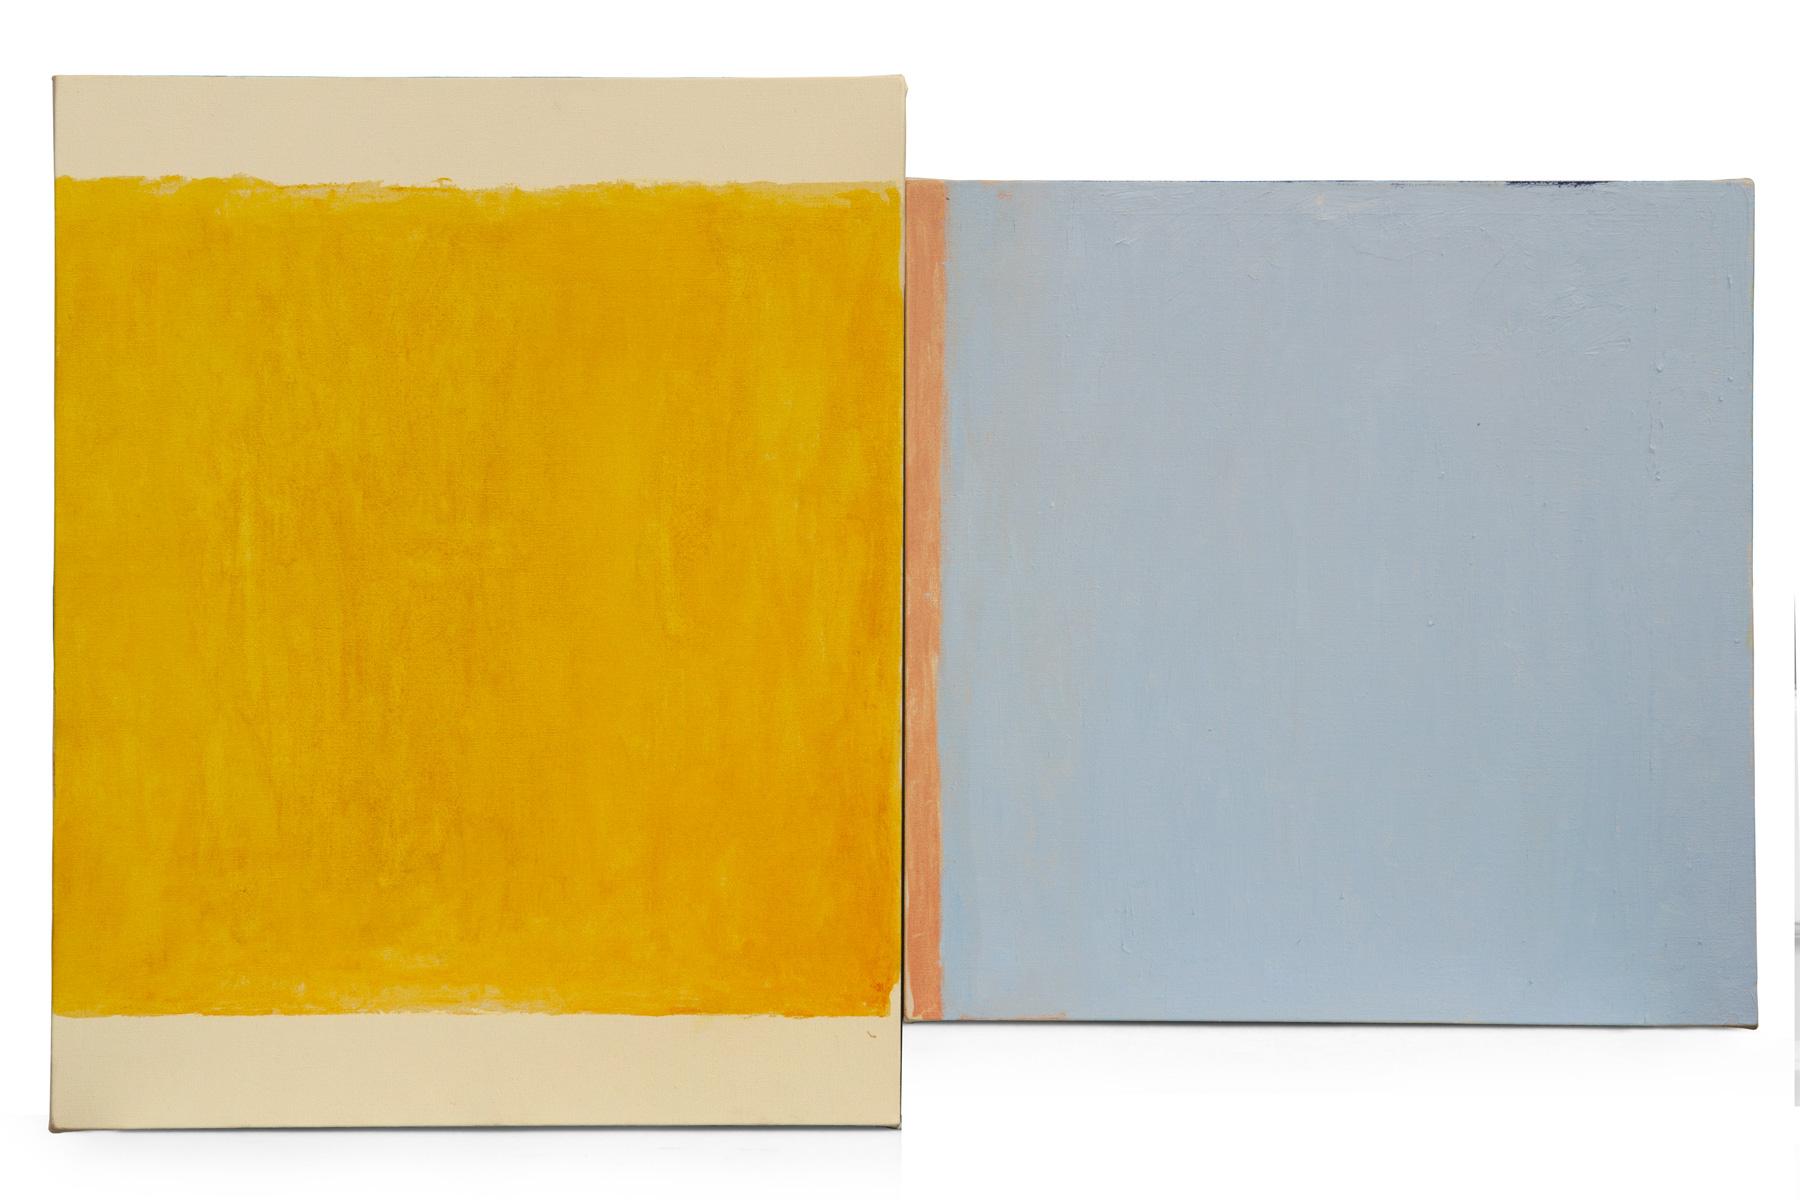 Dialogo 9, oleo sobre lienzo, 50 x 80 cms